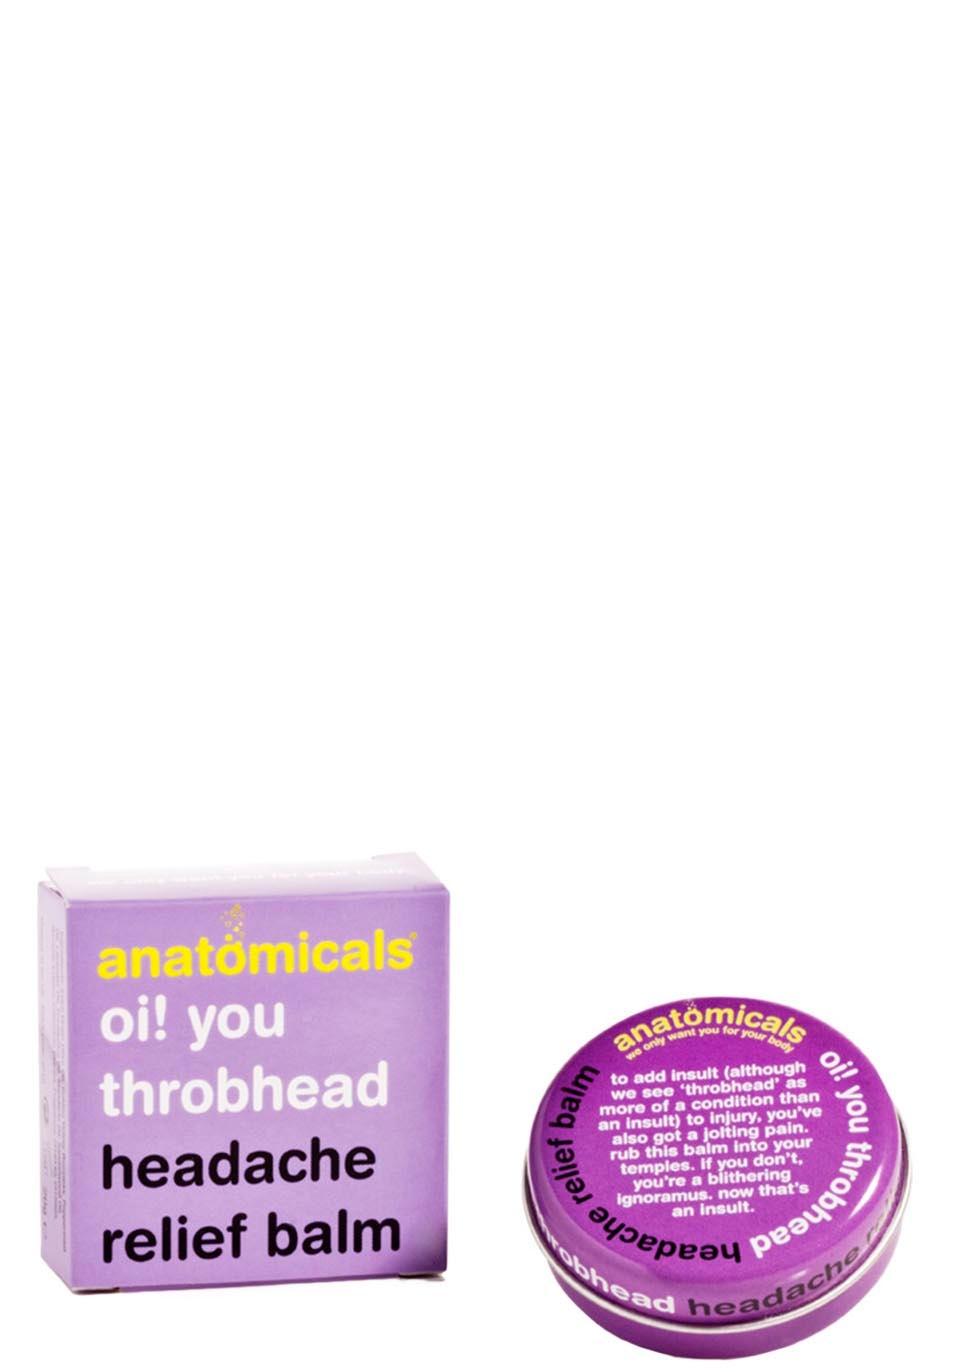 Oi! You Throbhead Headache Relief Balm 20g